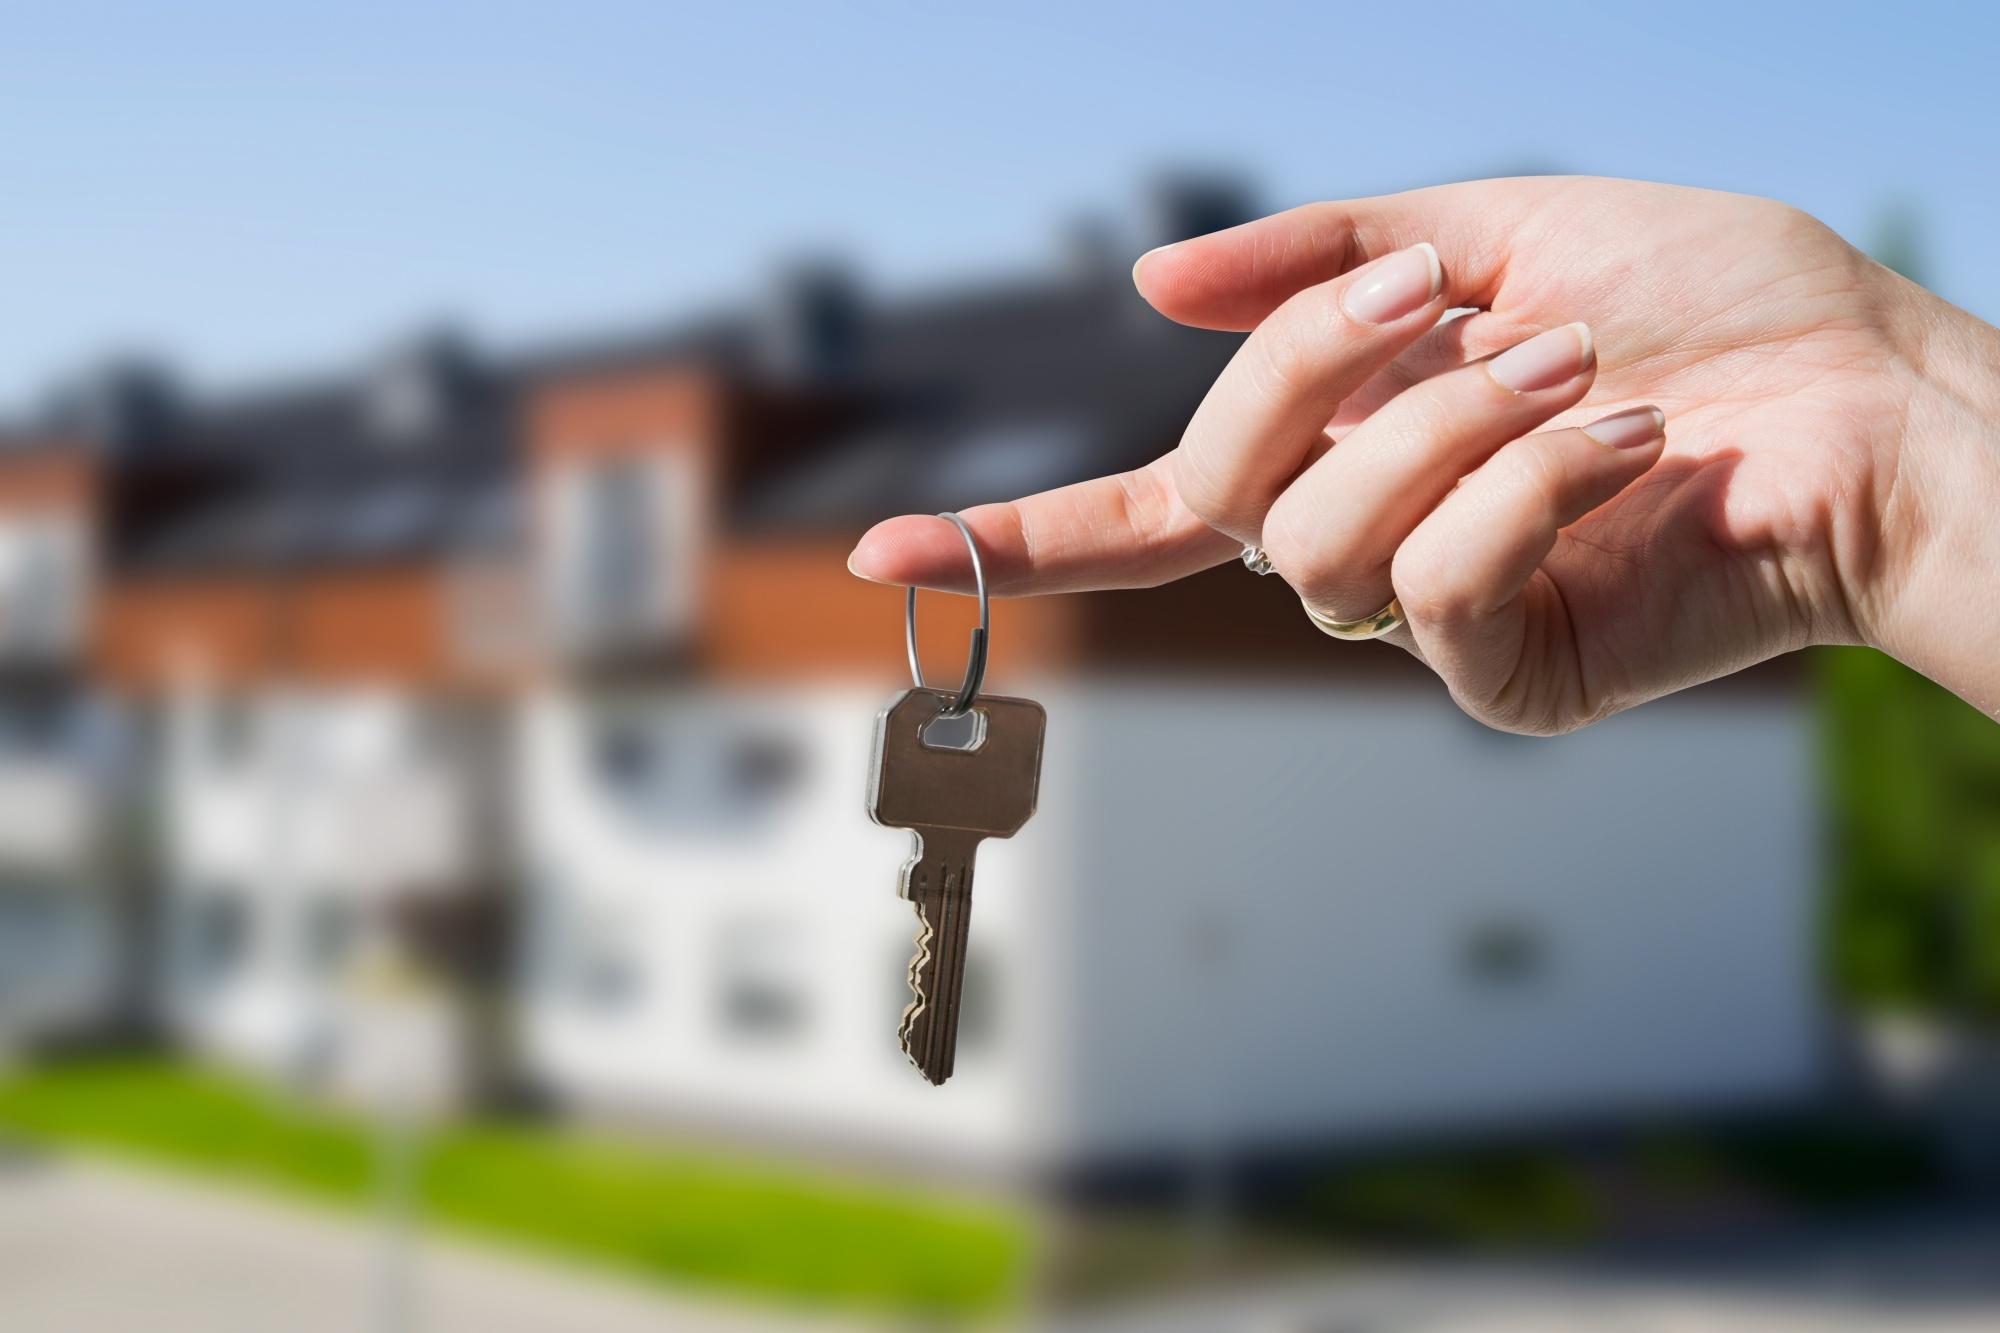 Где занимаются приватизацией жилья в Калининграде?